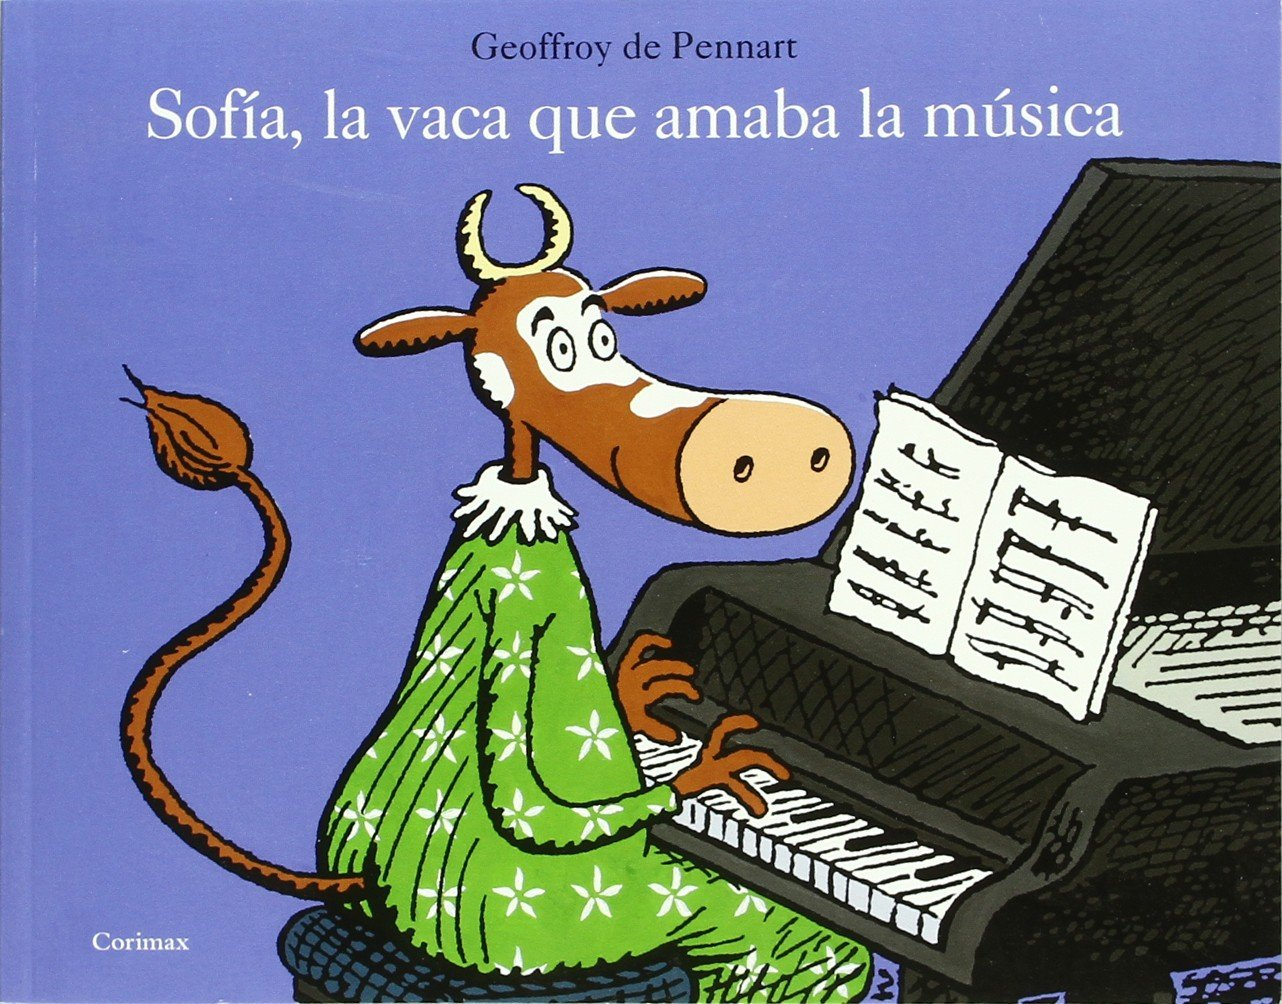 Sofía, la vaca que amaba la música